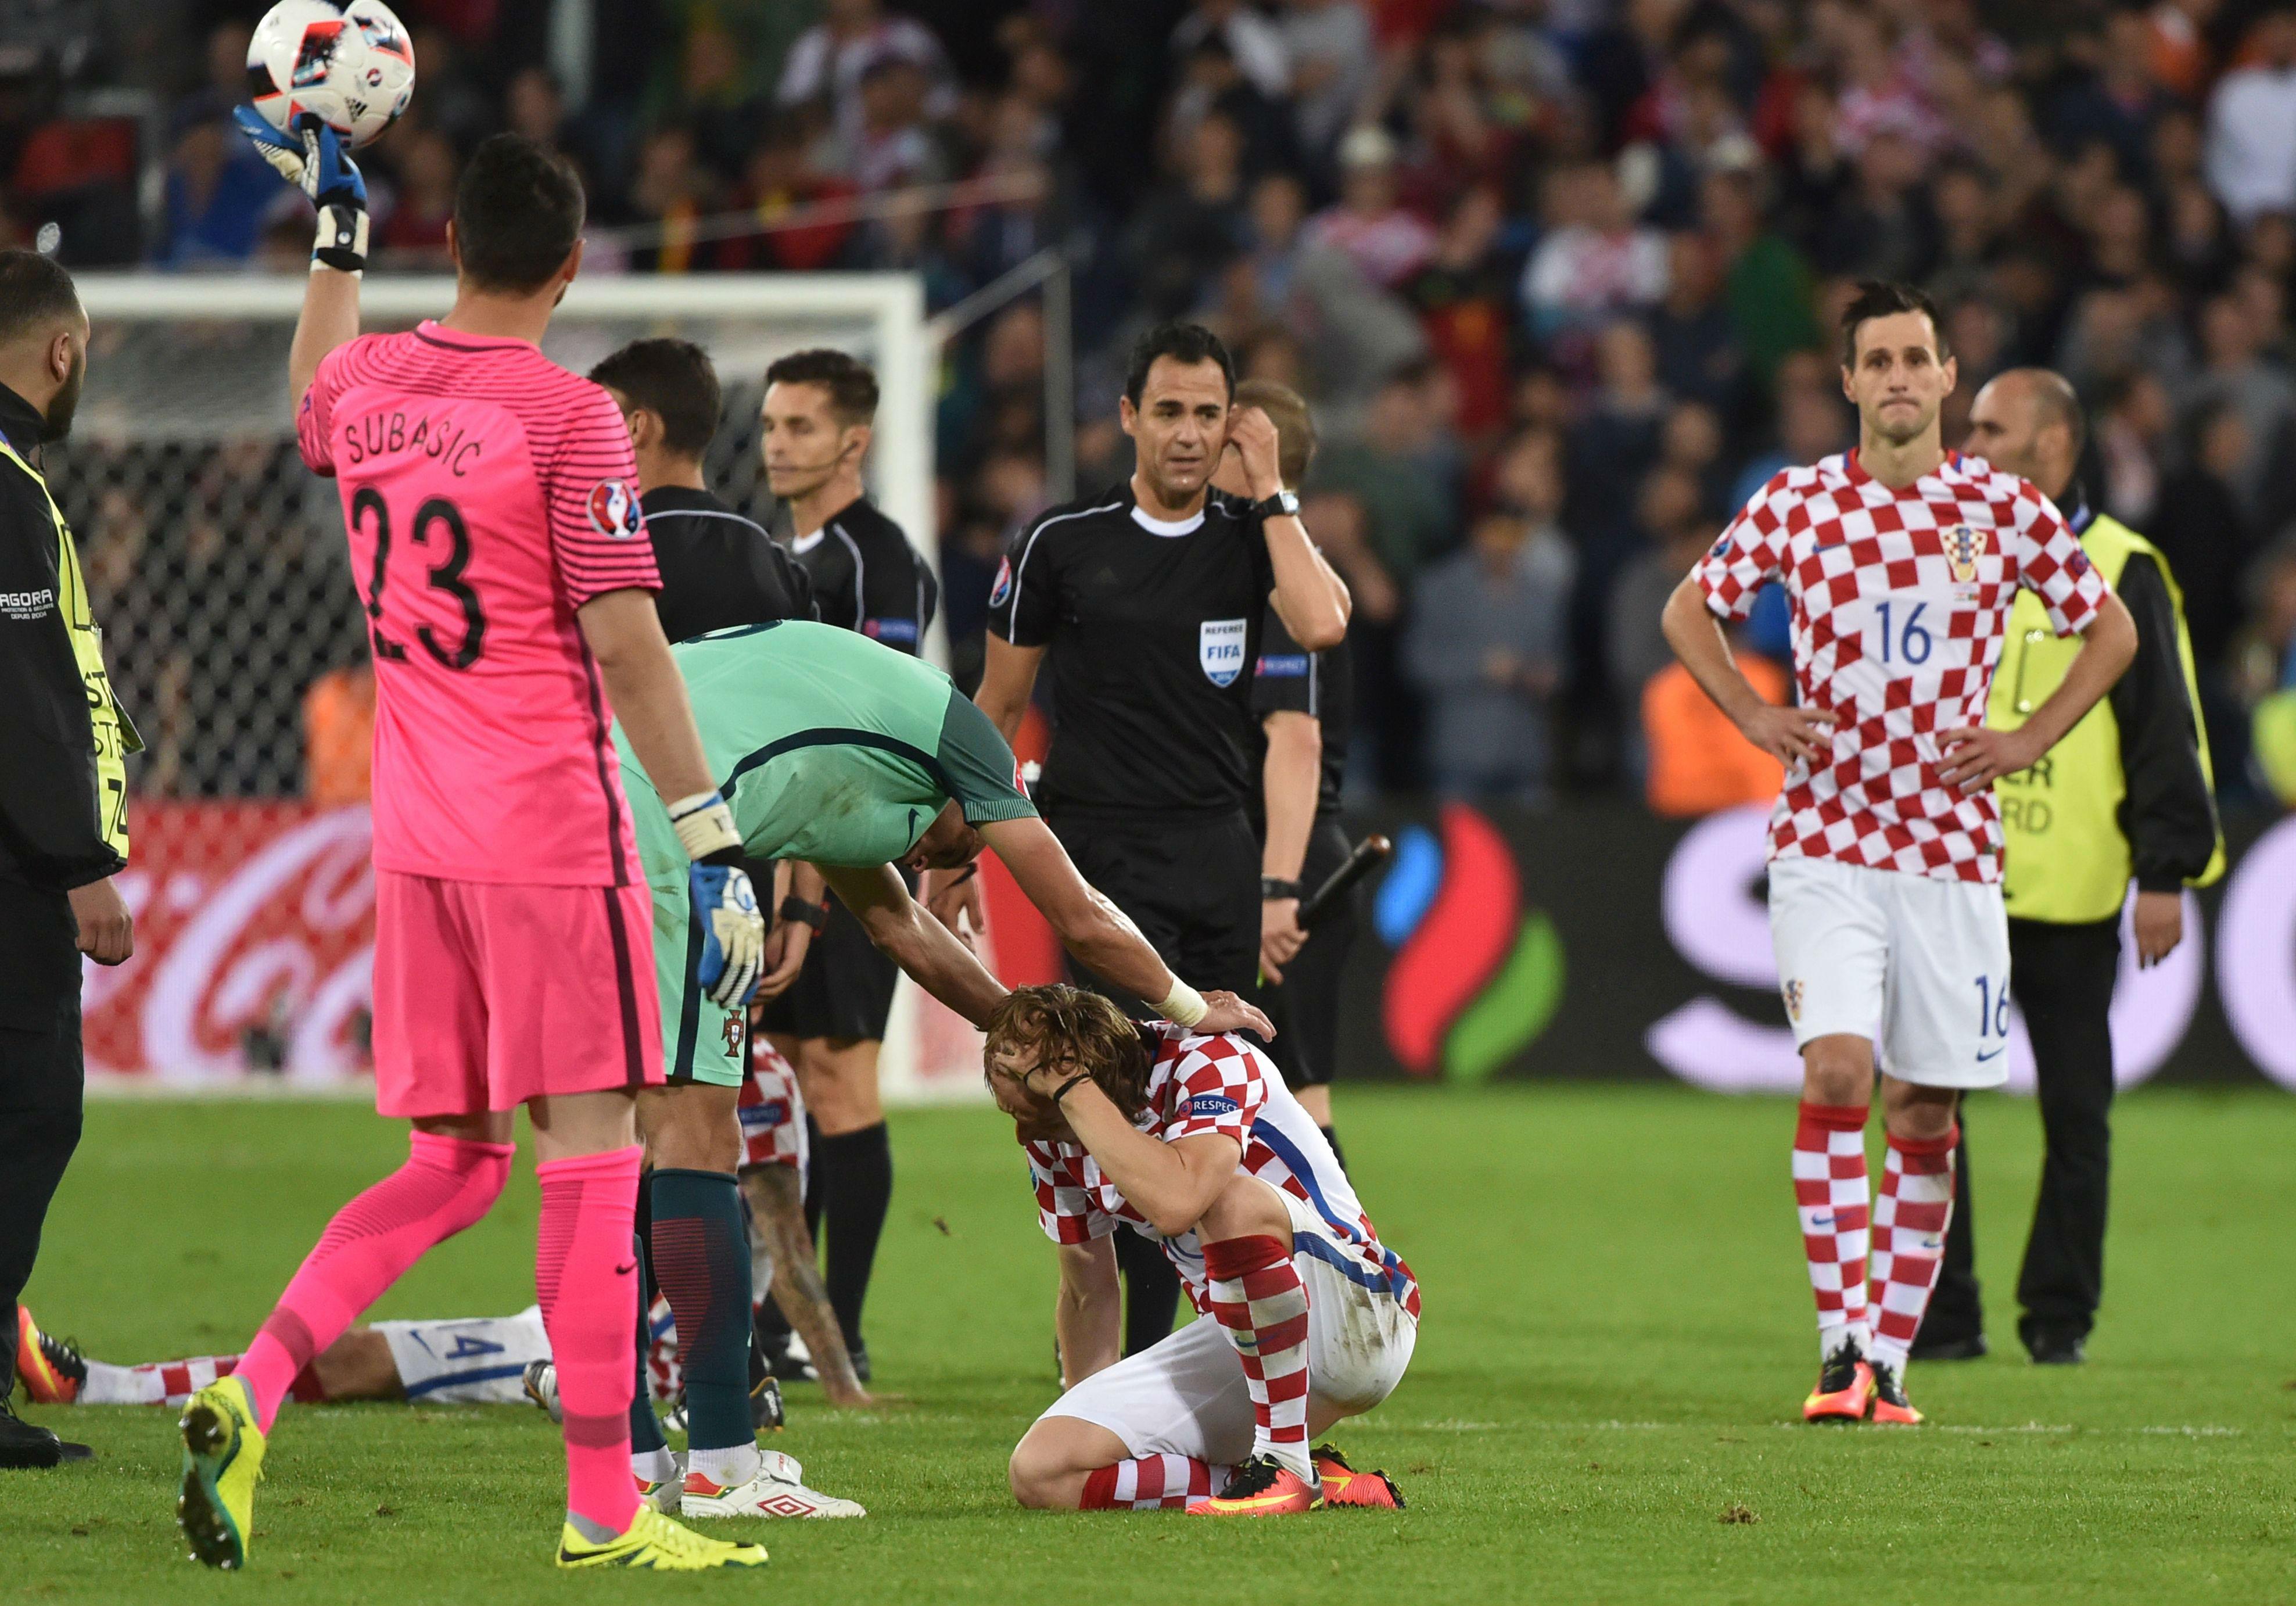 dbbe6a69429 Cristiano Ronaldo   Pepe console Luka Modric after Portugal dump Croatia  out of Euro 2016